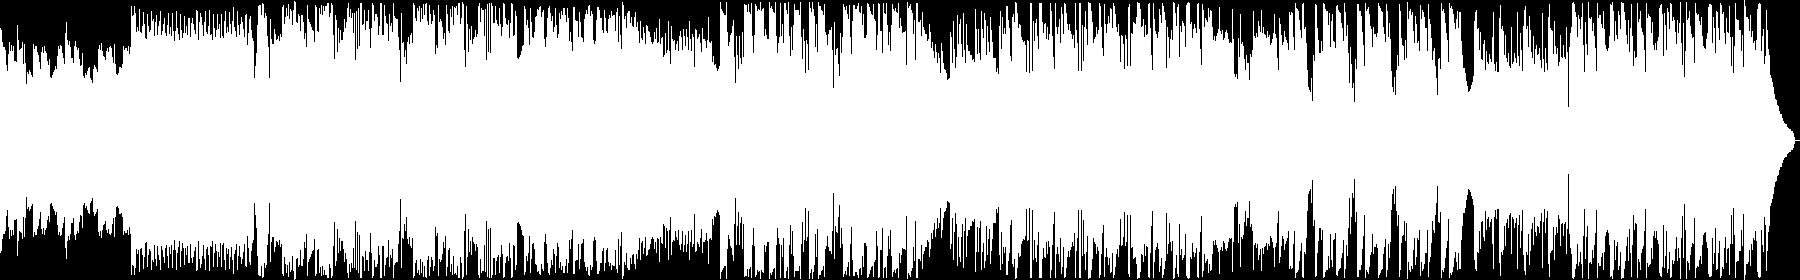 Mirage - Wonk Trap audio waveform